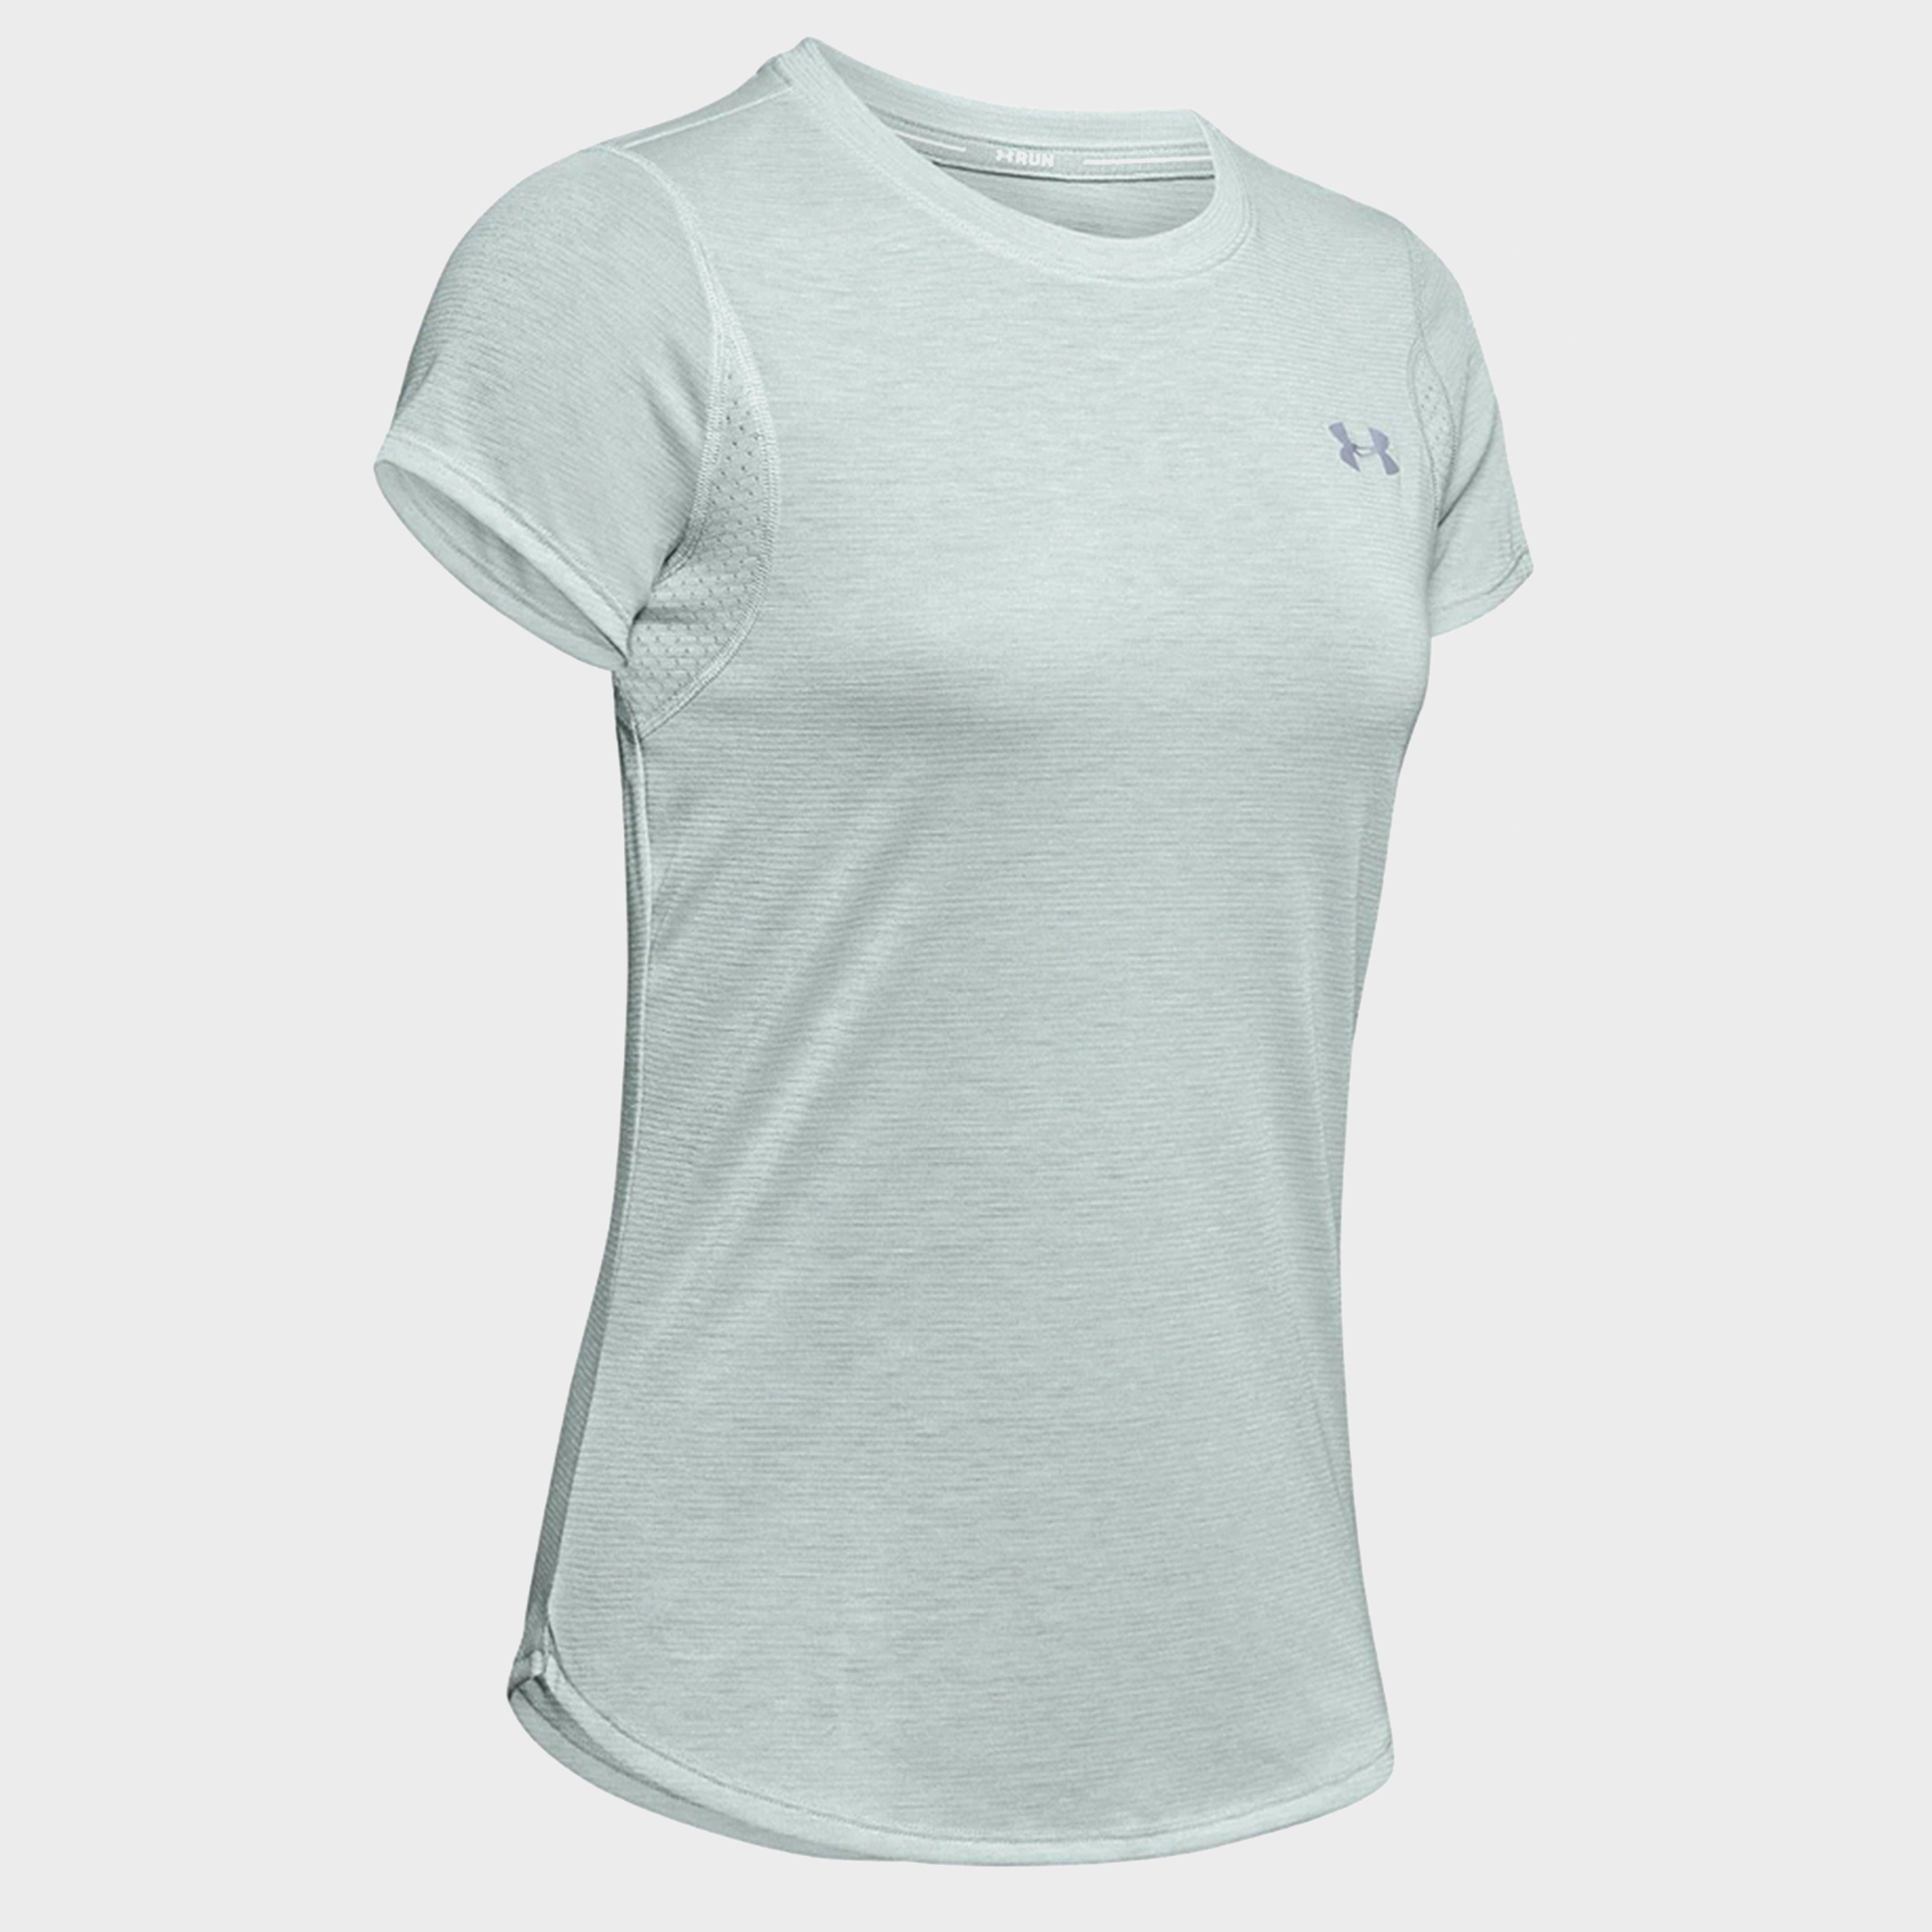 Under Armour Under Armour womens UA Streaker Short Sleeve Tee - Grey, Grey